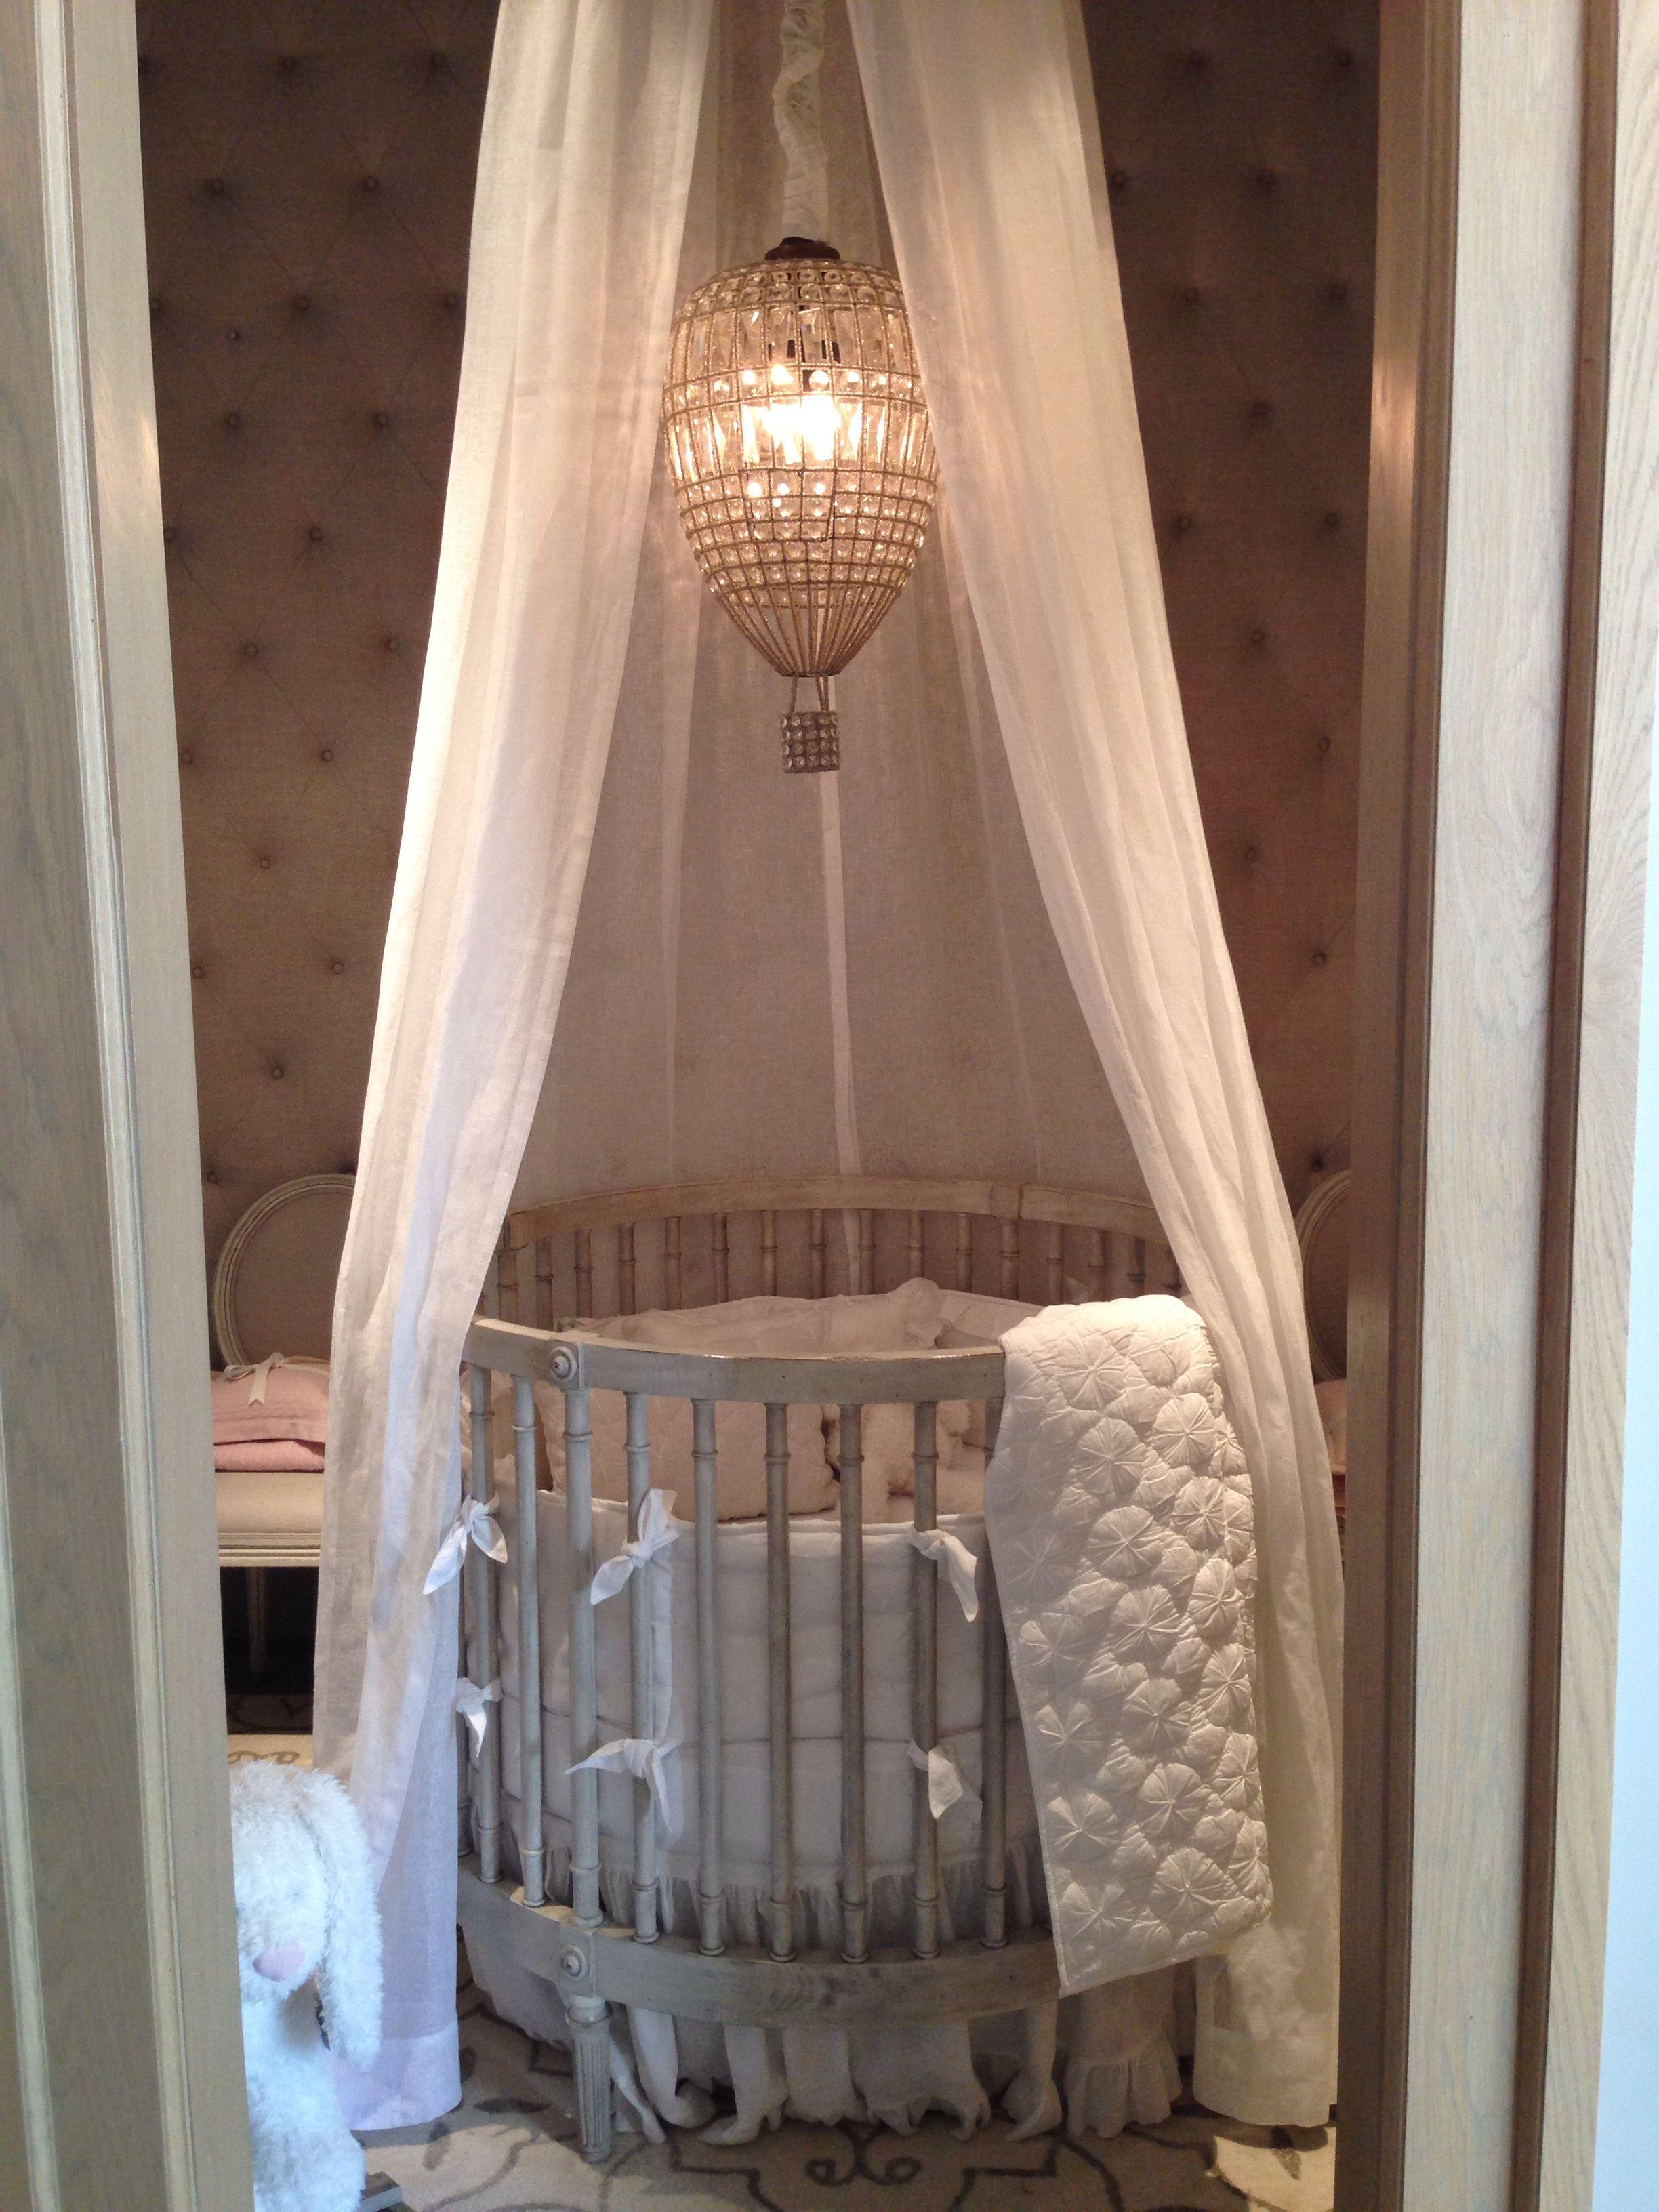 Restoration hardware bedroom furniture - Restoration Hardware Baby And Child Girls Bedroom Furniture And Decoration Ideas Baby Furniture Round